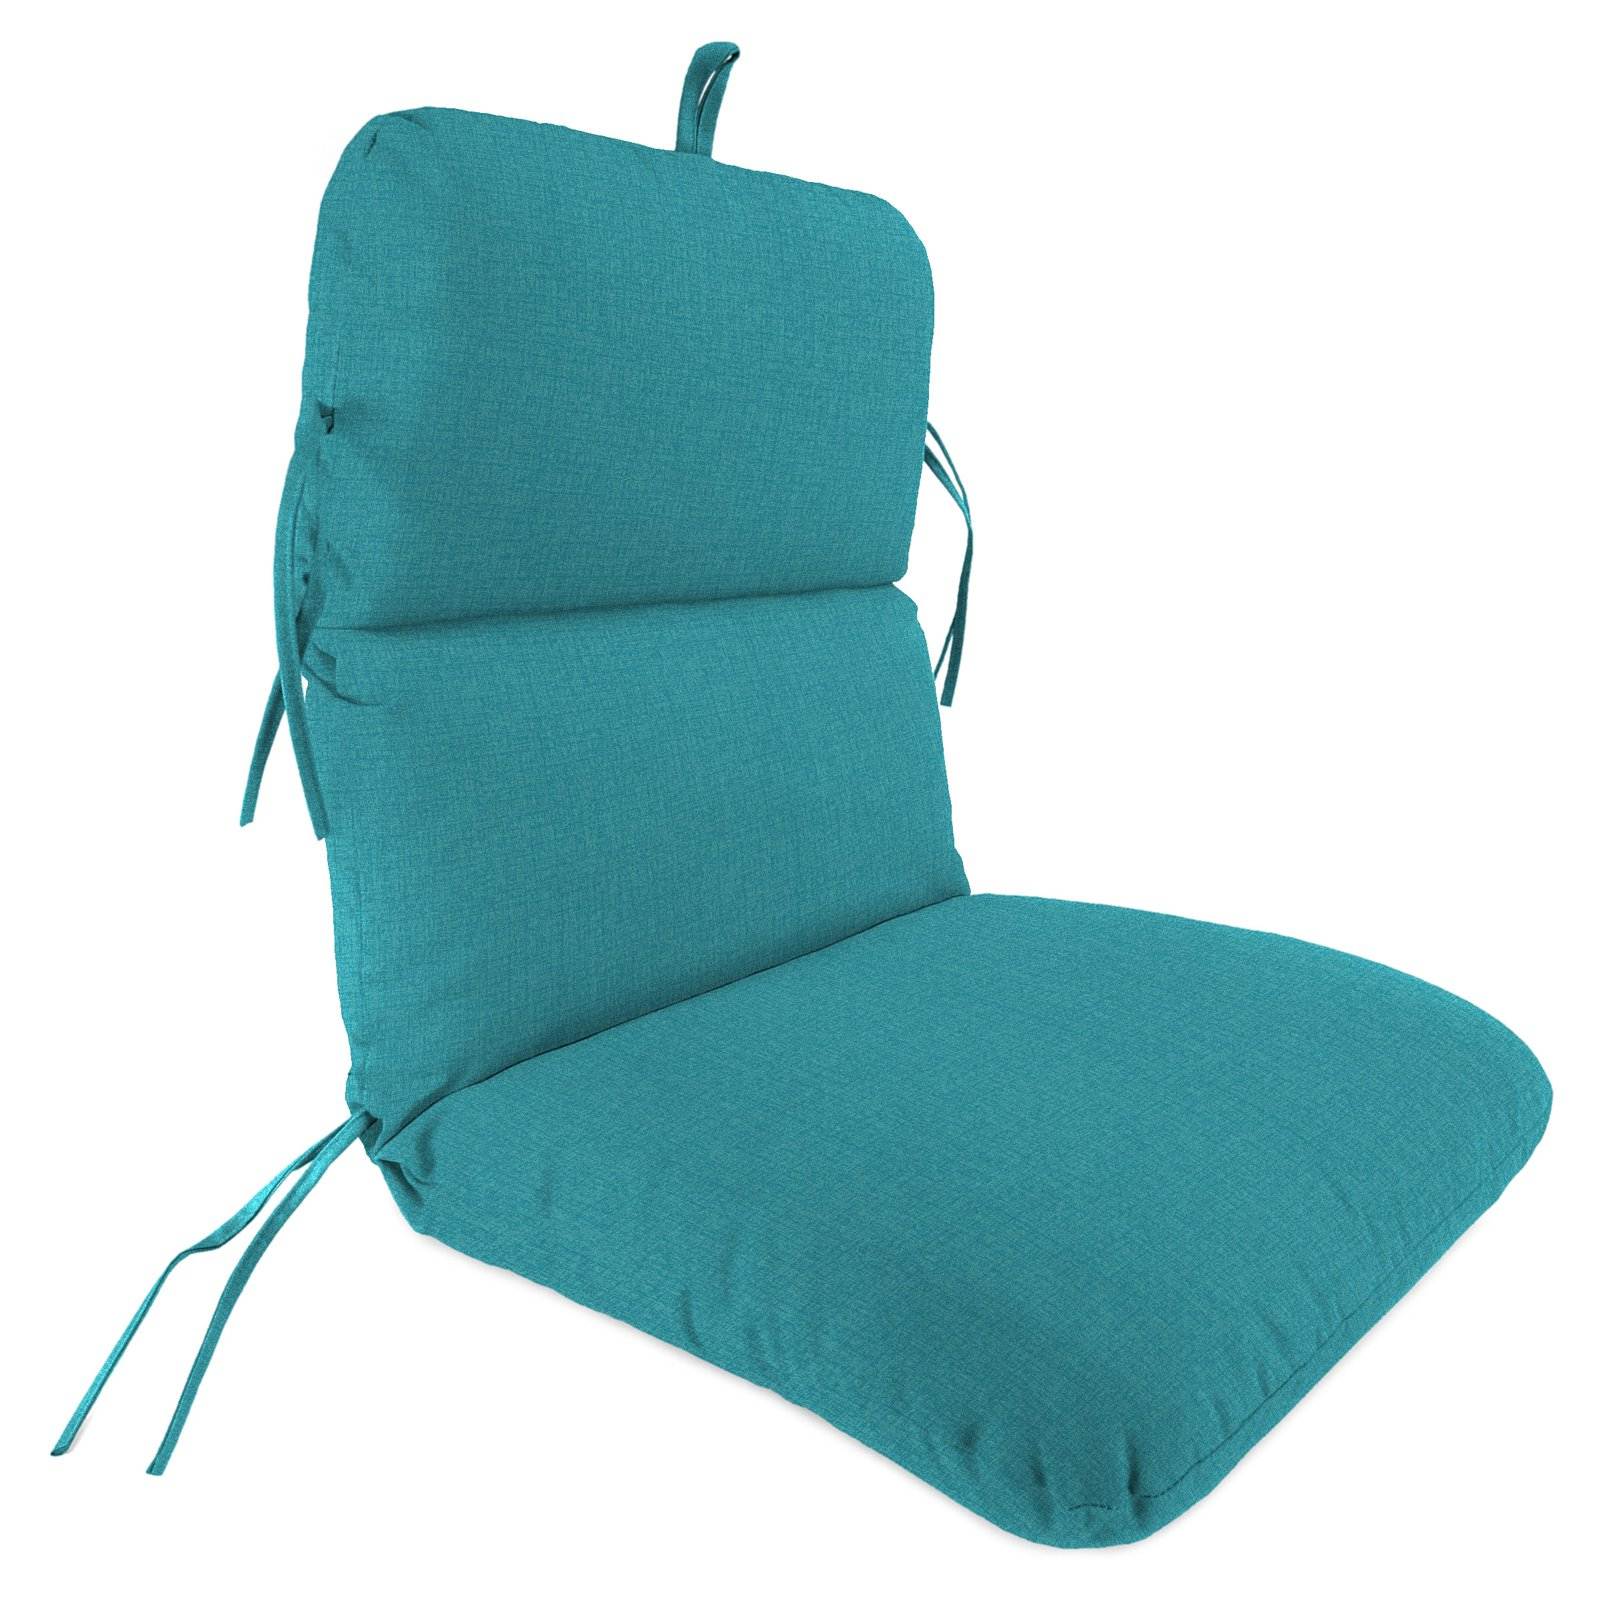 Jordan Manufacturing Knife Edge Patio Chair Cushion In 2021 Patio Chair Cushions Outdoor Chair Cushions Chair Cushions